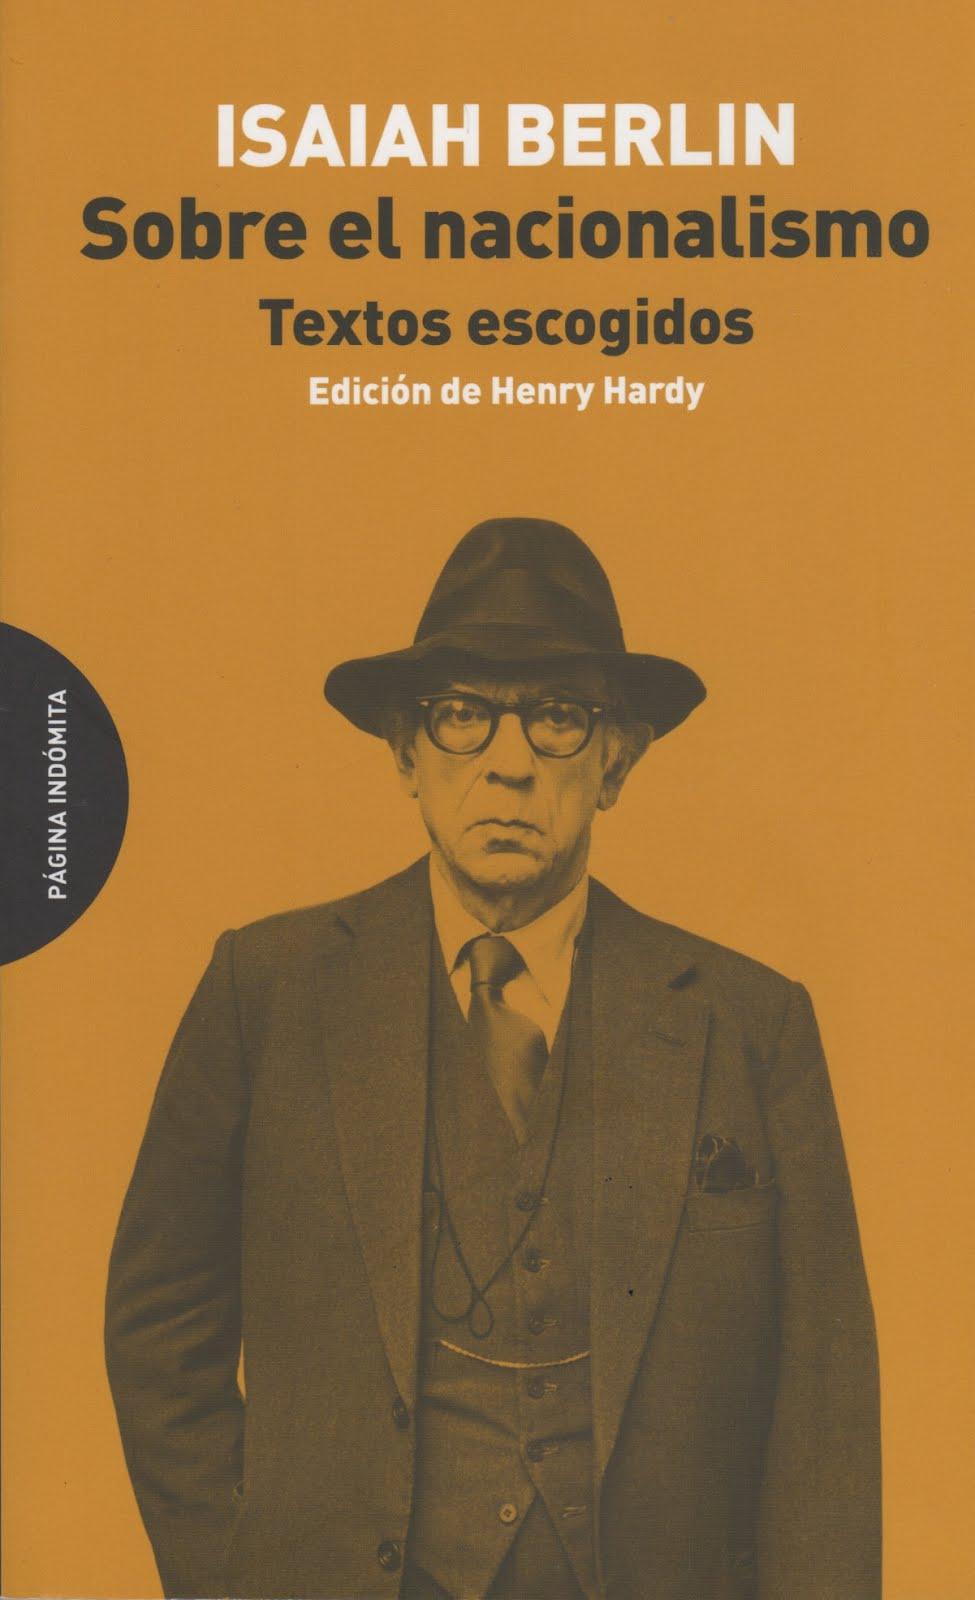 Isaiah Berlin (Sobre el nacionalismo) Textos escogidos